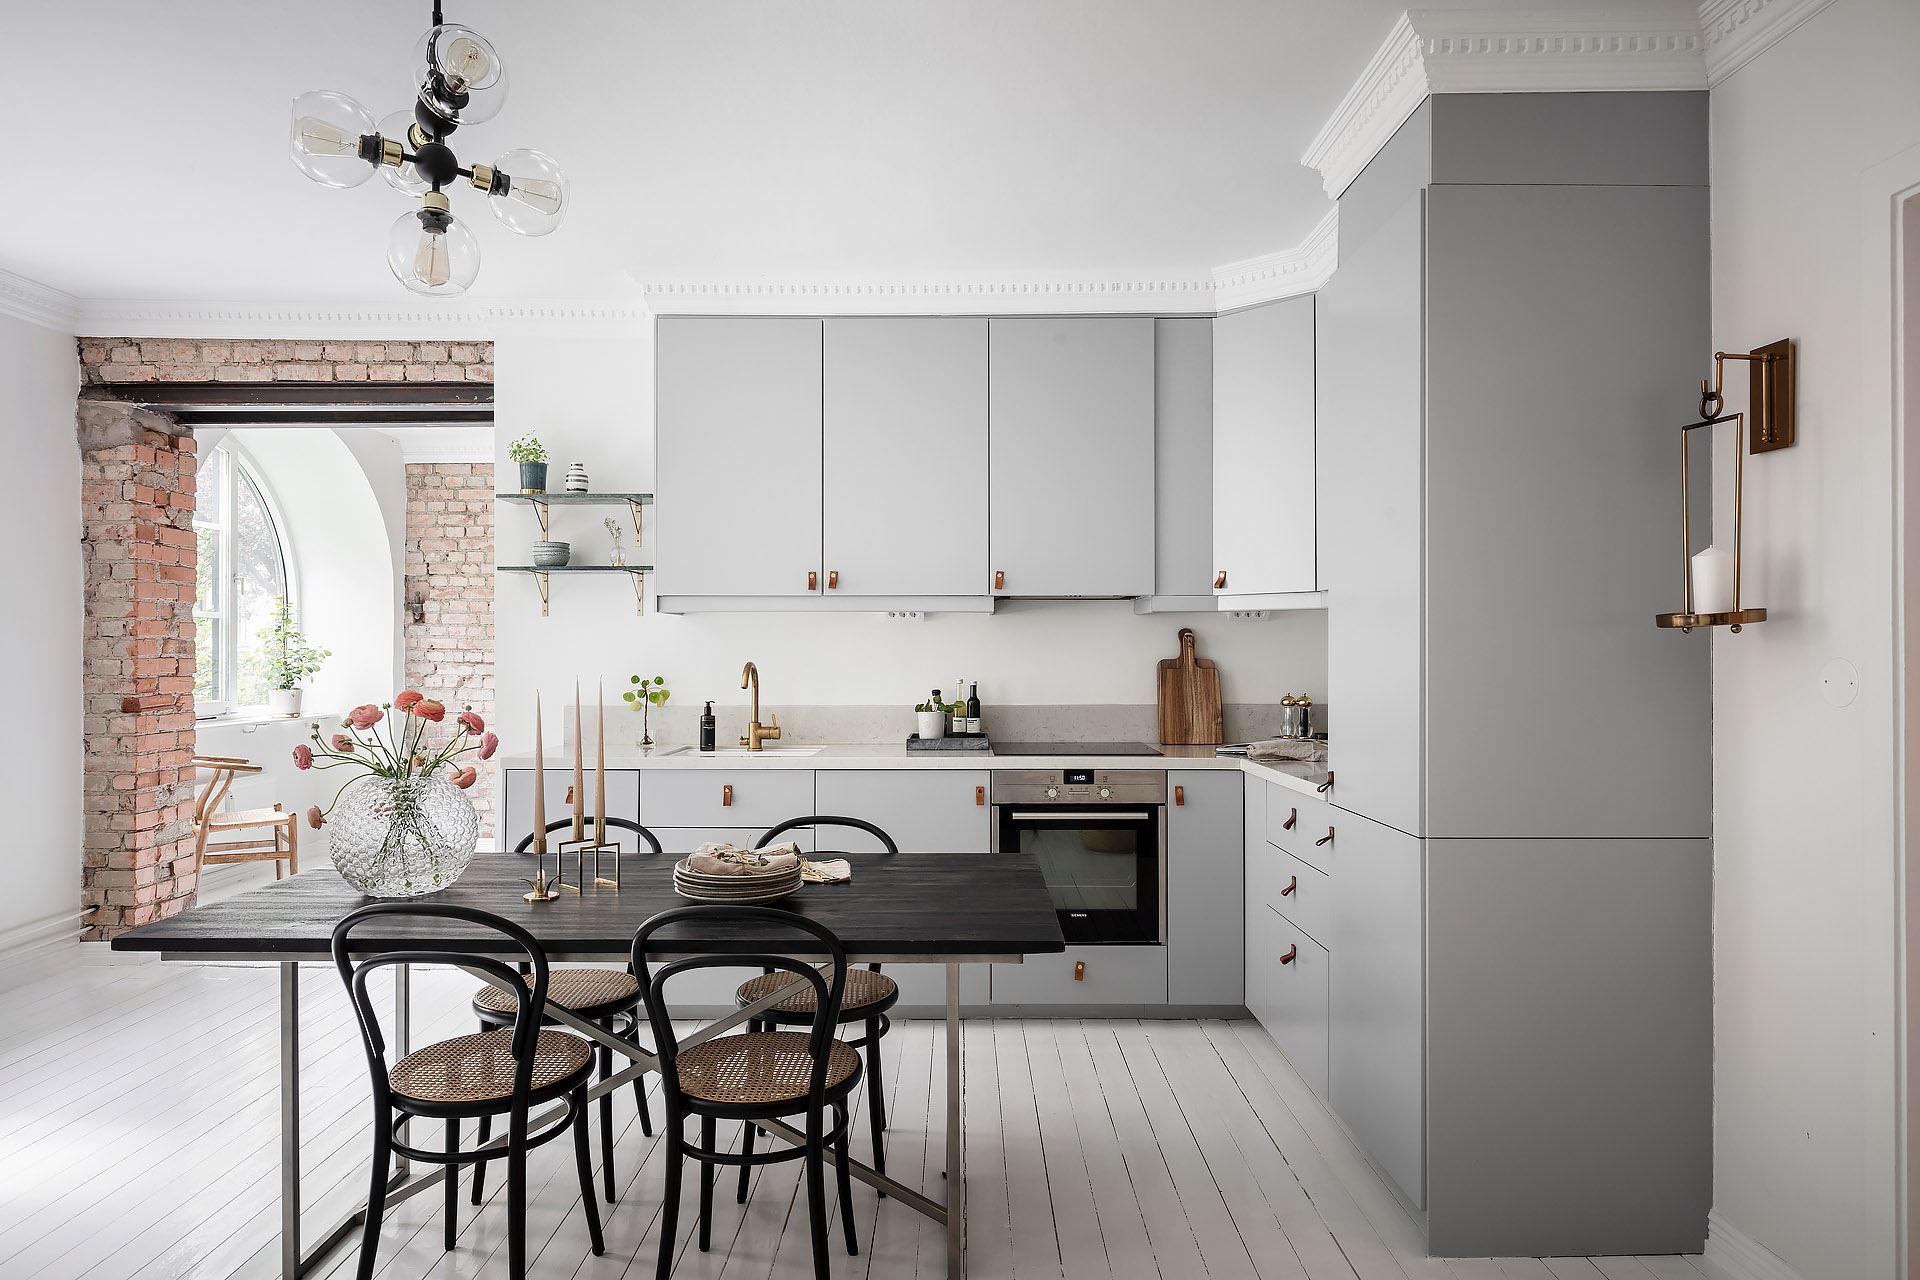 Cărămidă expusă și mânere din piele la corpurile de mobilier din bucătărie 3